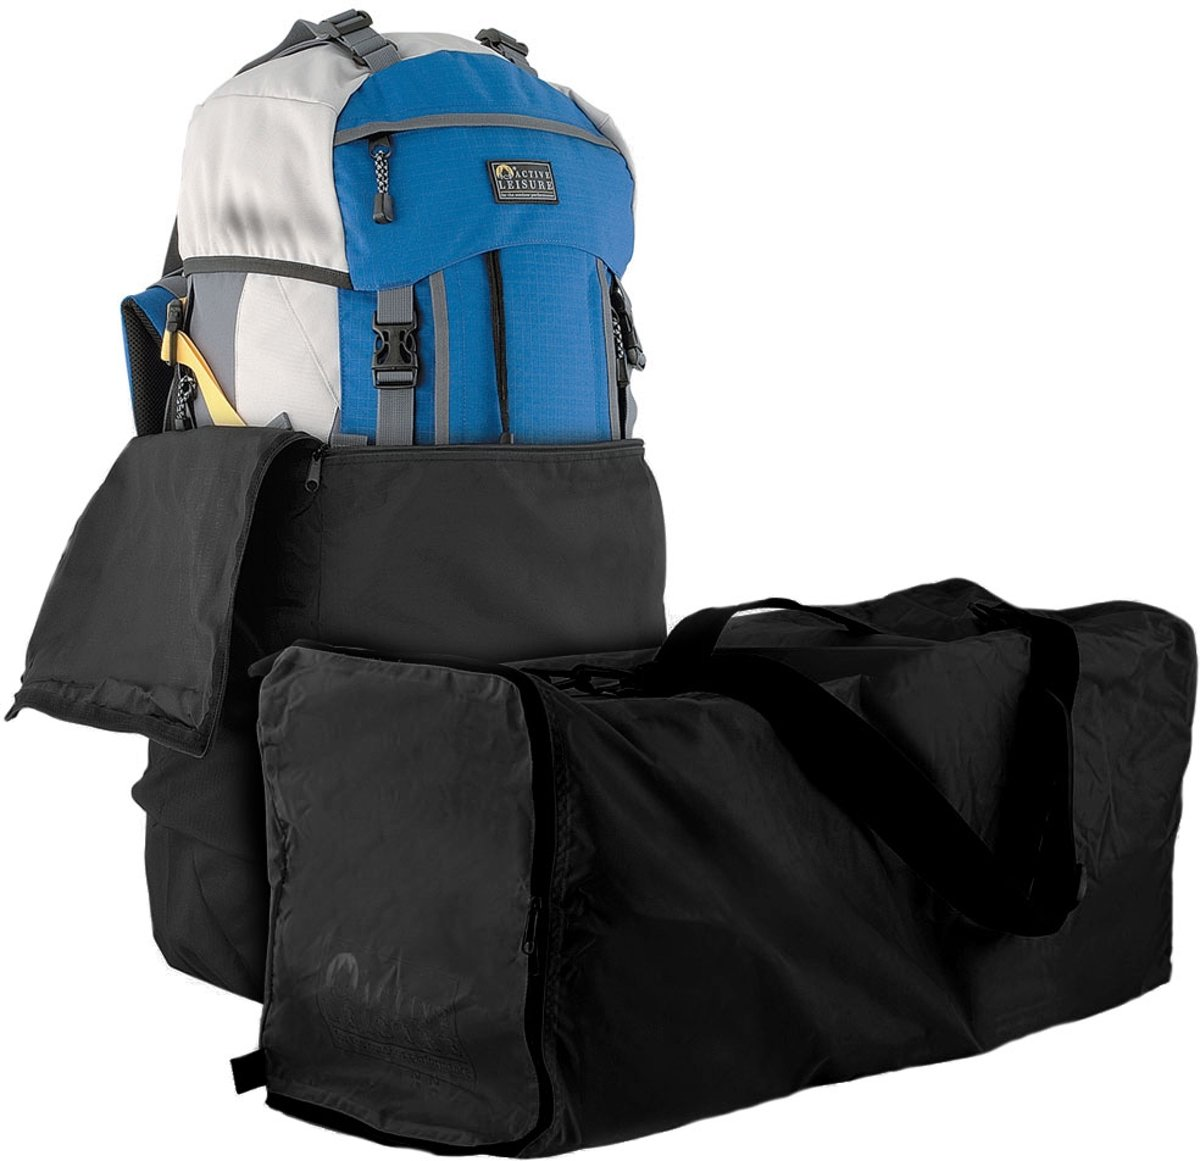 Active Leisure Flightbag voor backpack - tot 55 liter - Zwart kopen